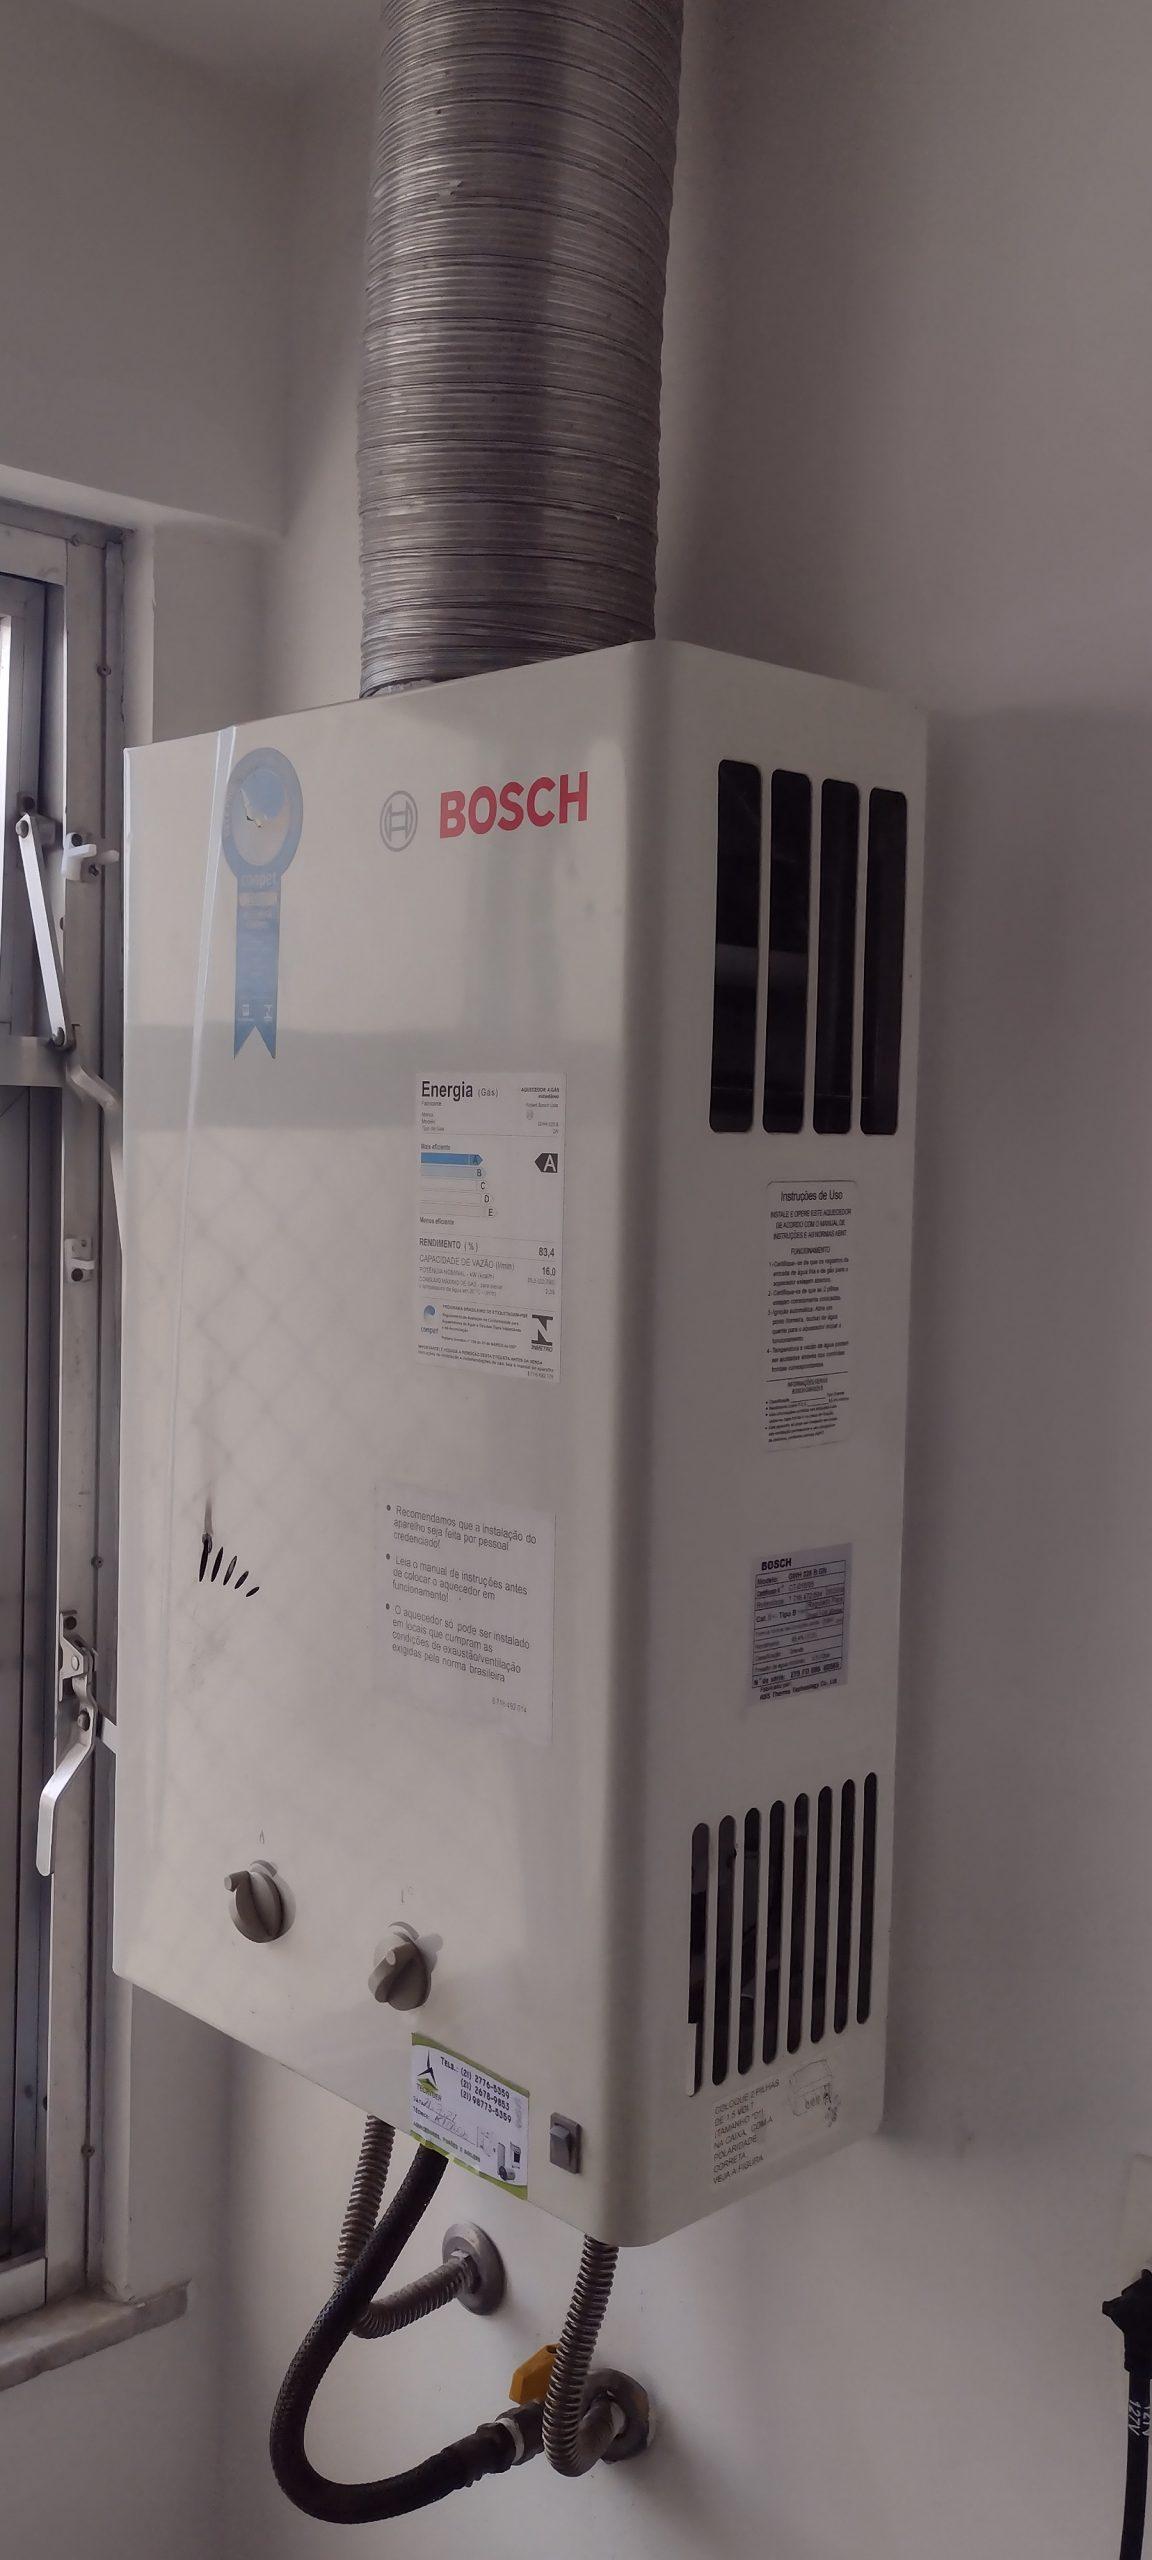 Conserto manutenção de Aquecedor Bosch em Botafogo